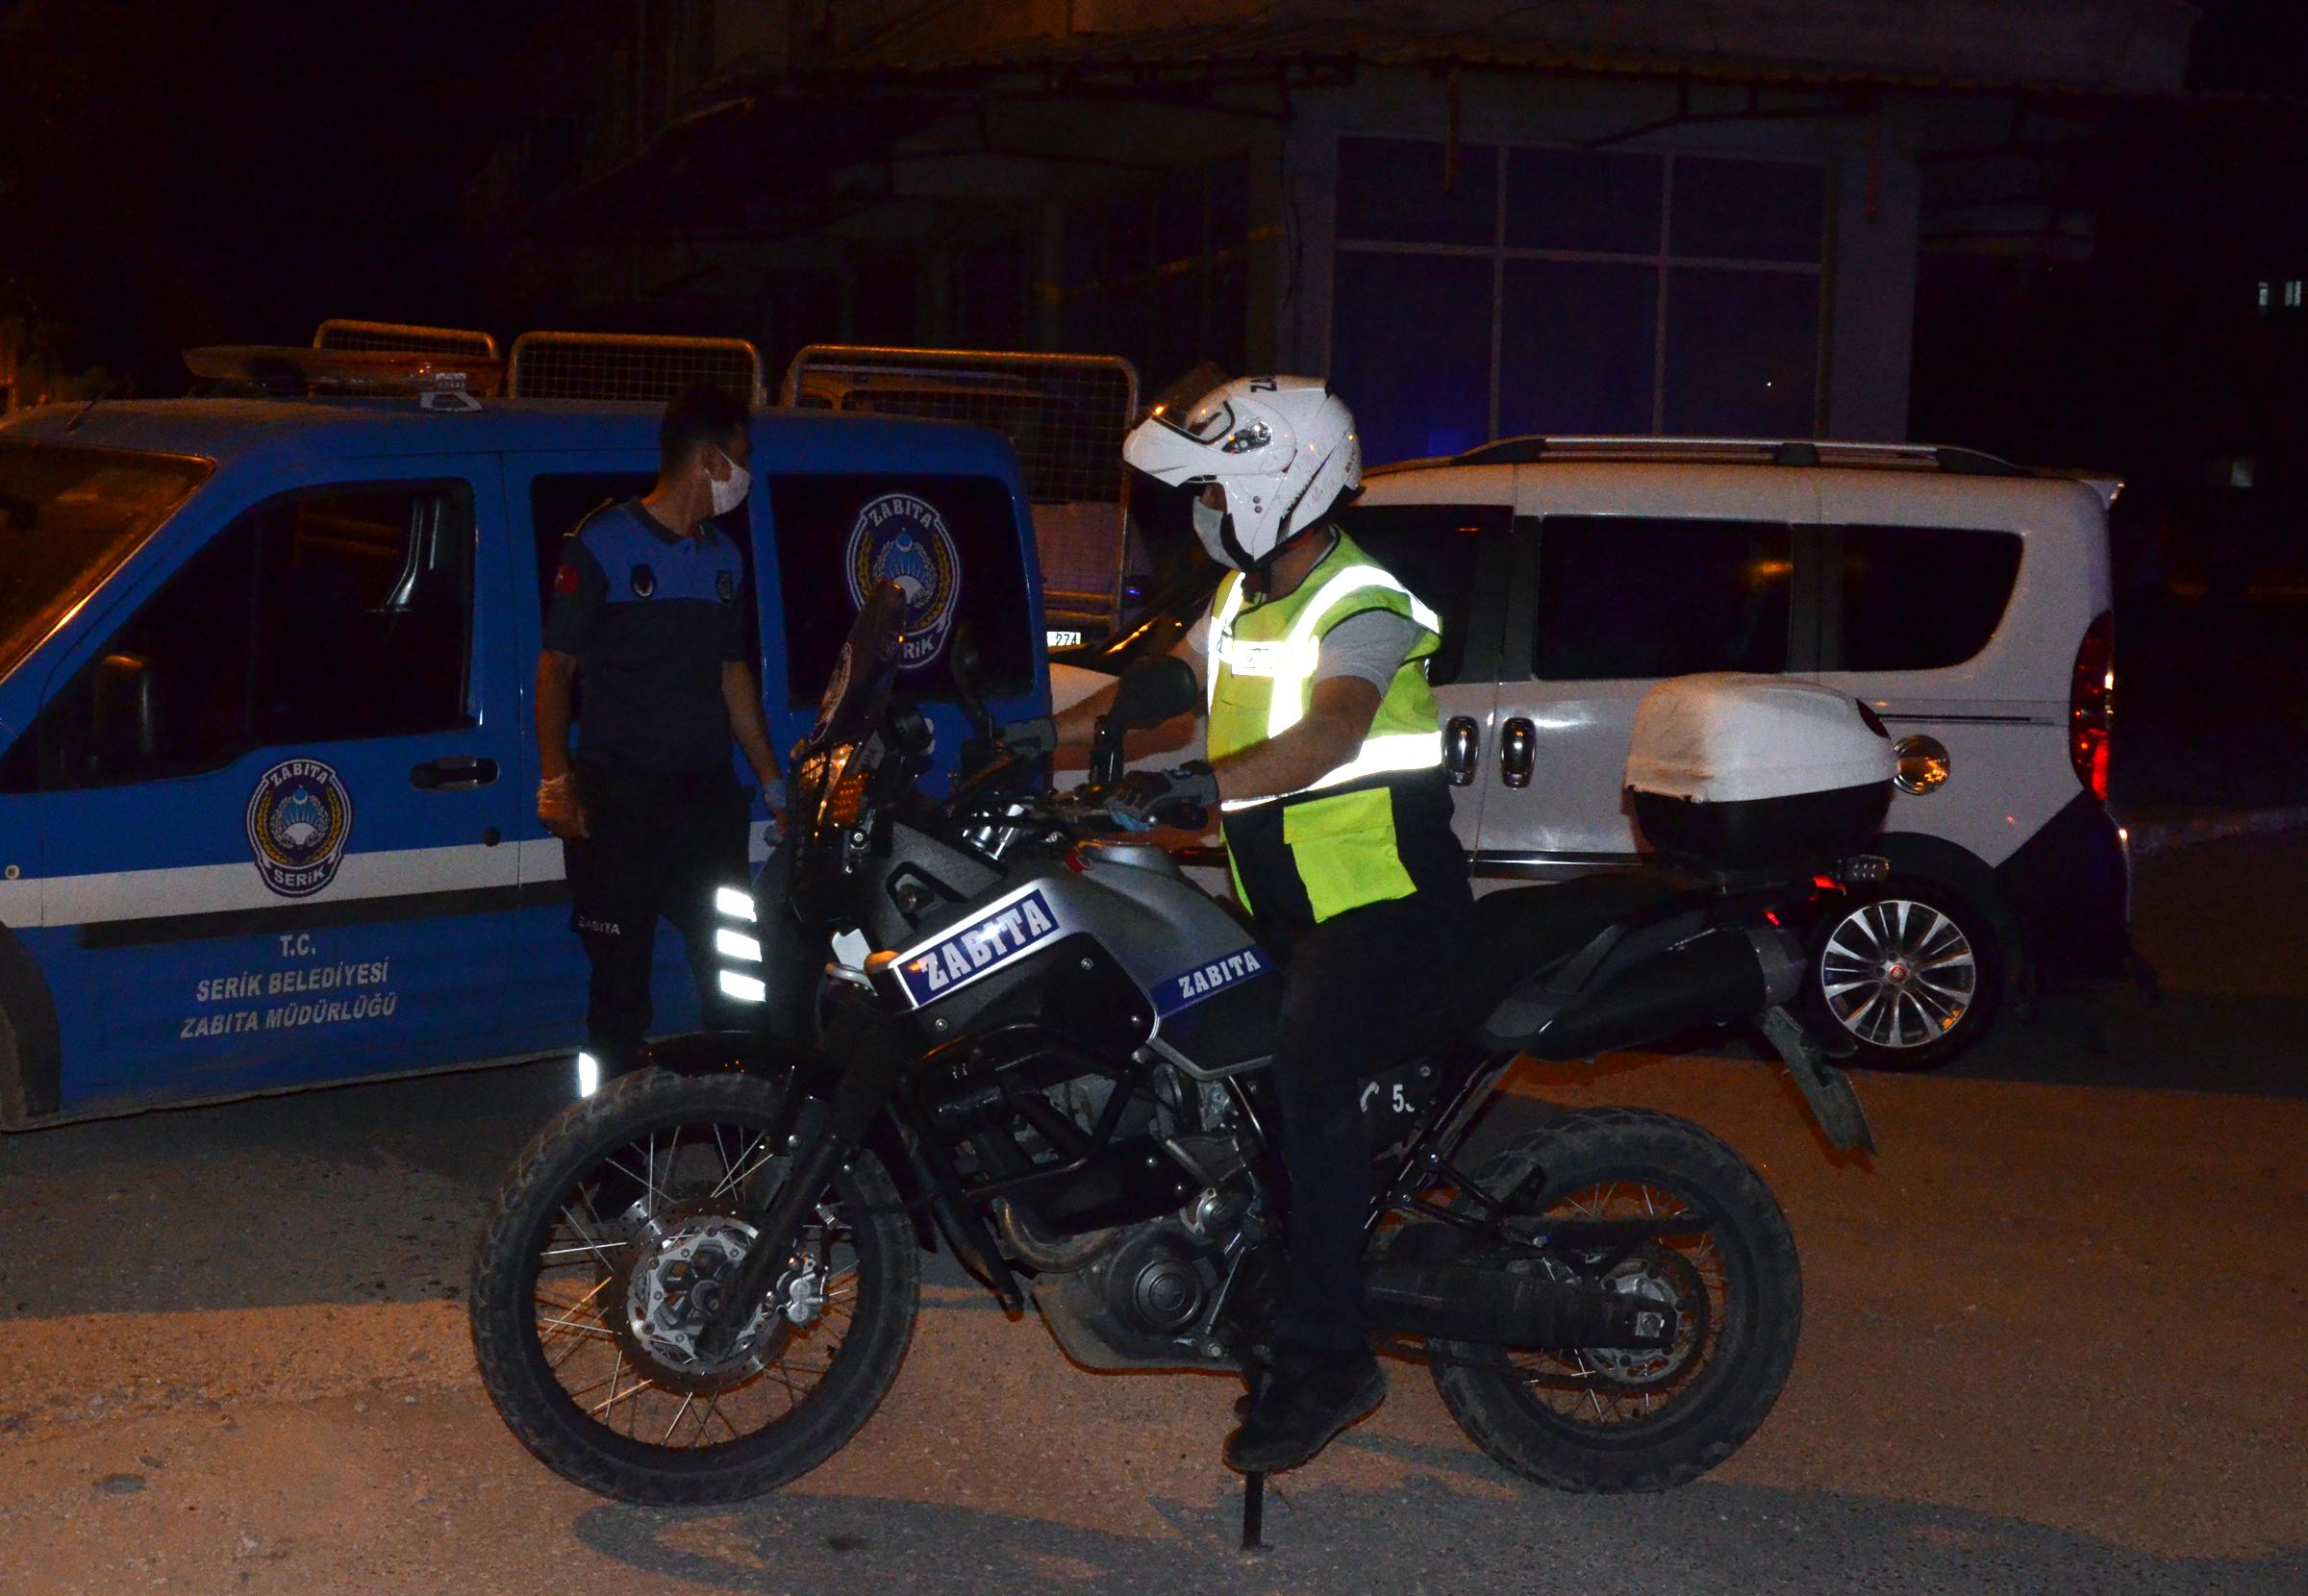 Serik'te 12 kişide koronavirüs çıktı, 15 sokak karantinaya alındı